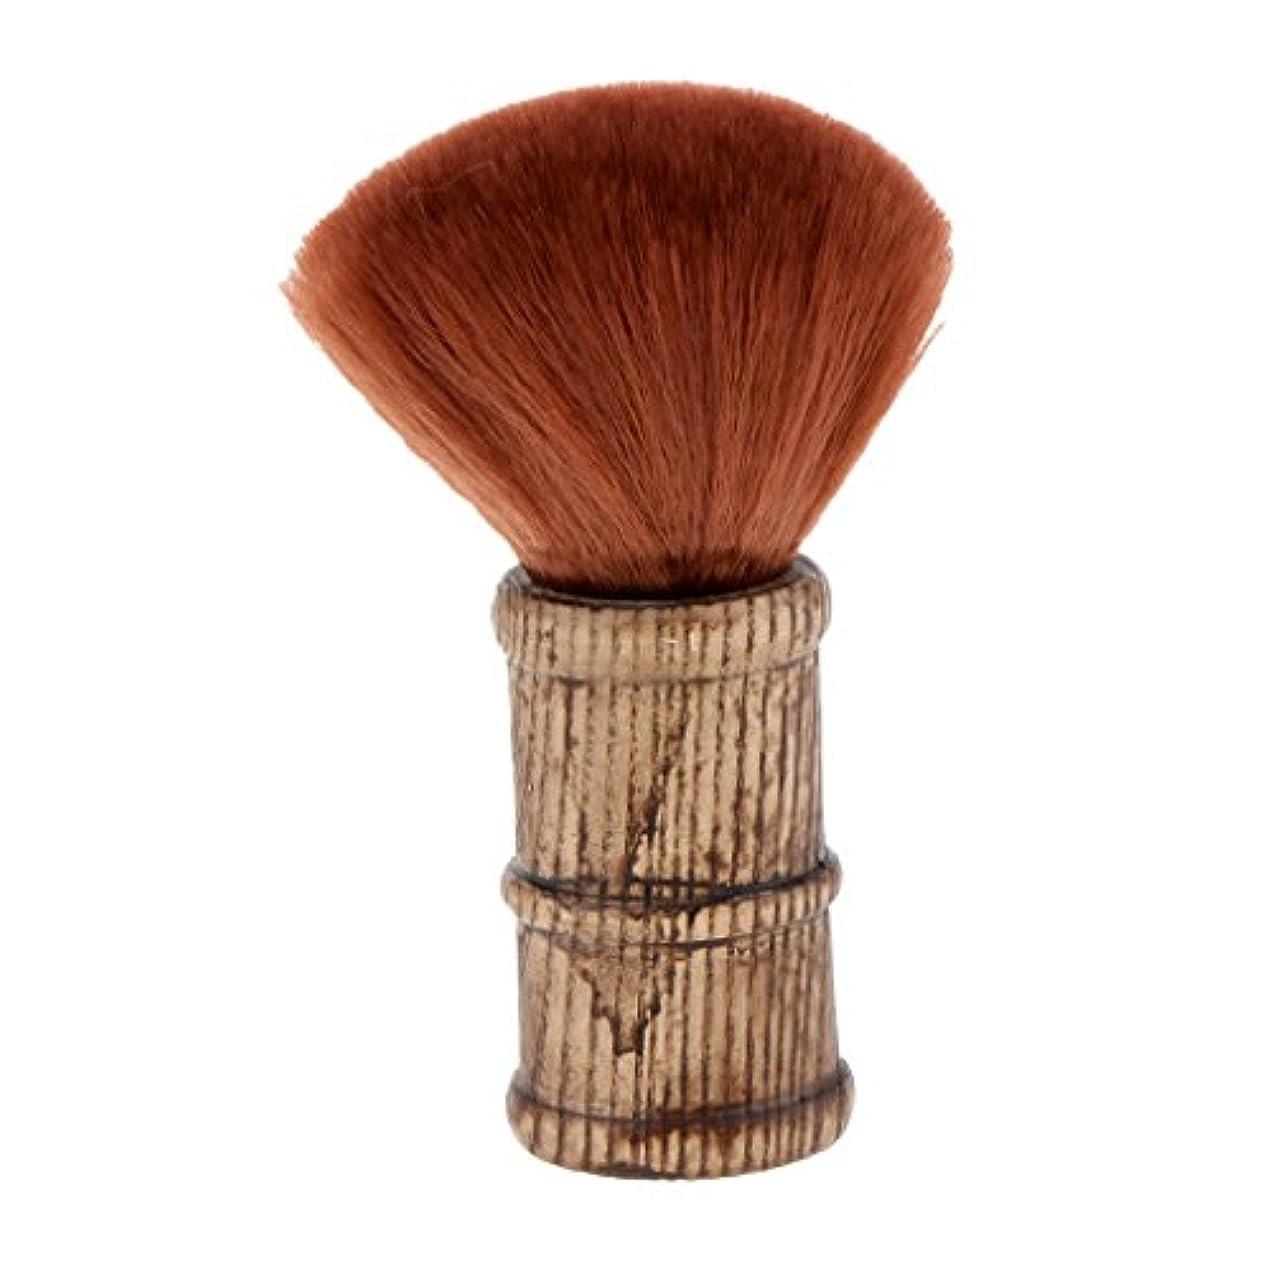 韓国ローラー頼るヘアカット 散髪 クリーニングヘアブラシ ネックダスターブラシ ヘアスイープブラシ 2色選べる - 褐色